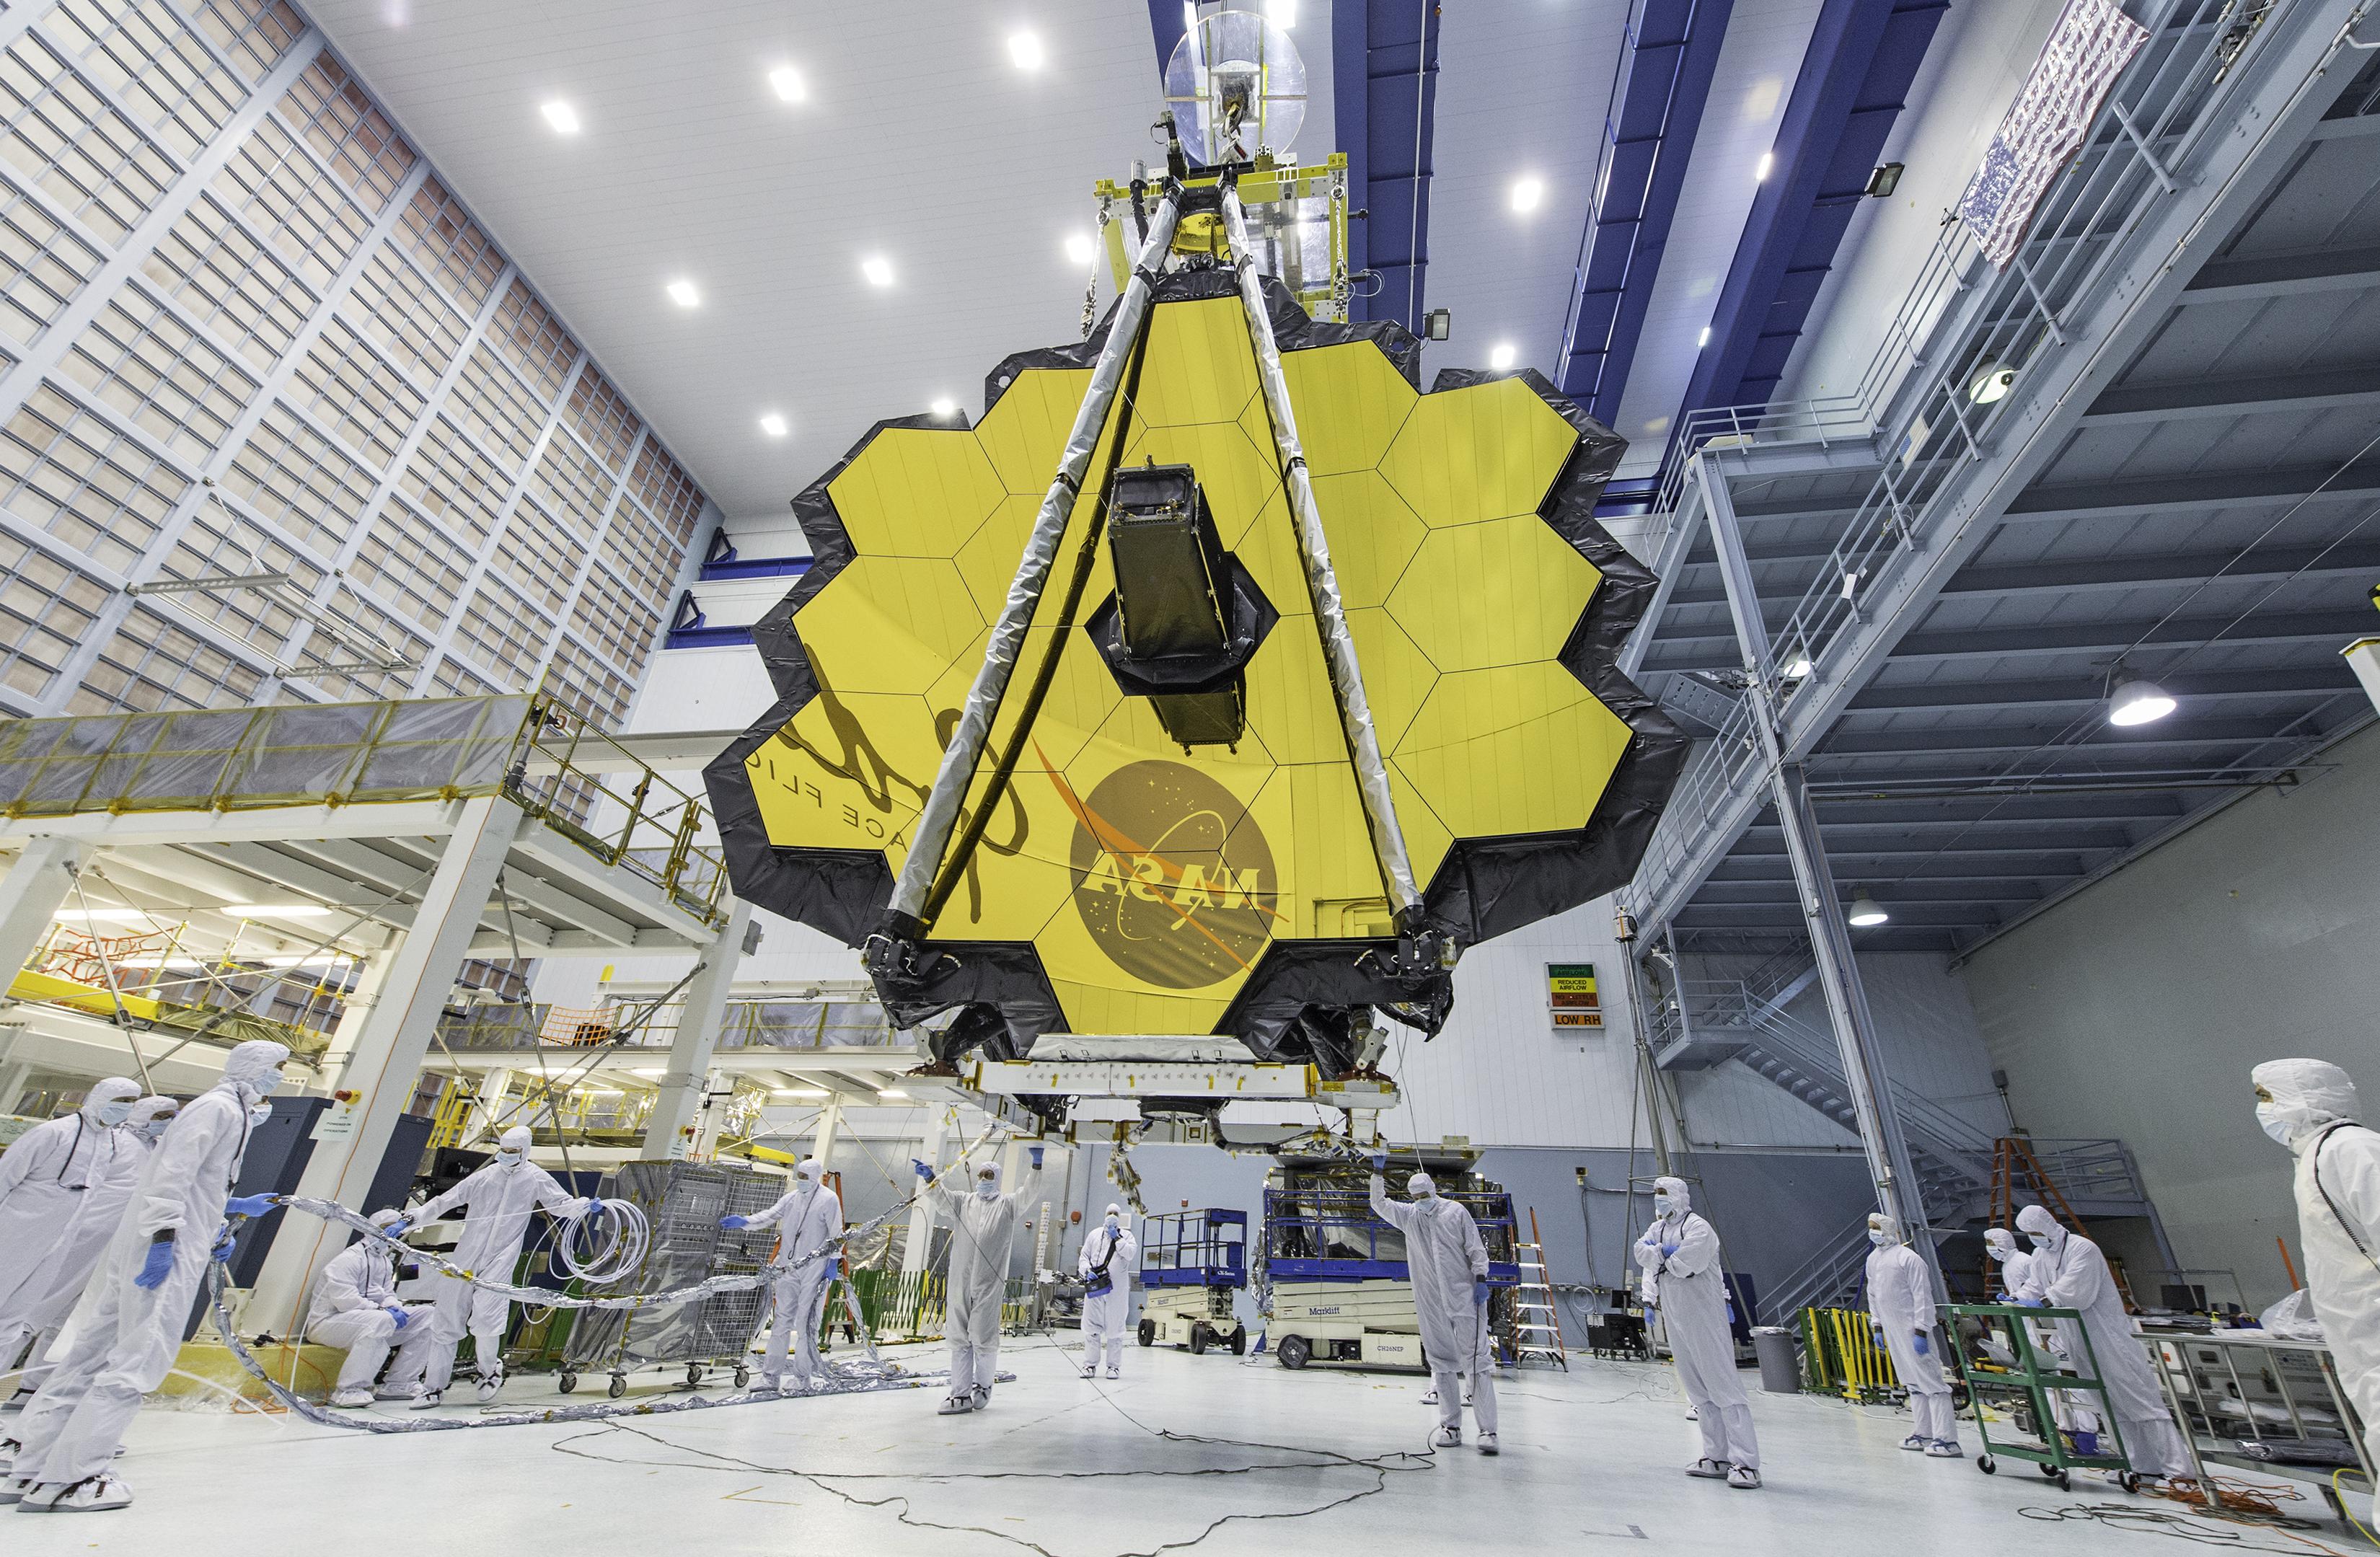 تأجيل إطلاق تلسكوب جيمس ويب الفضائي حتى العام 2019